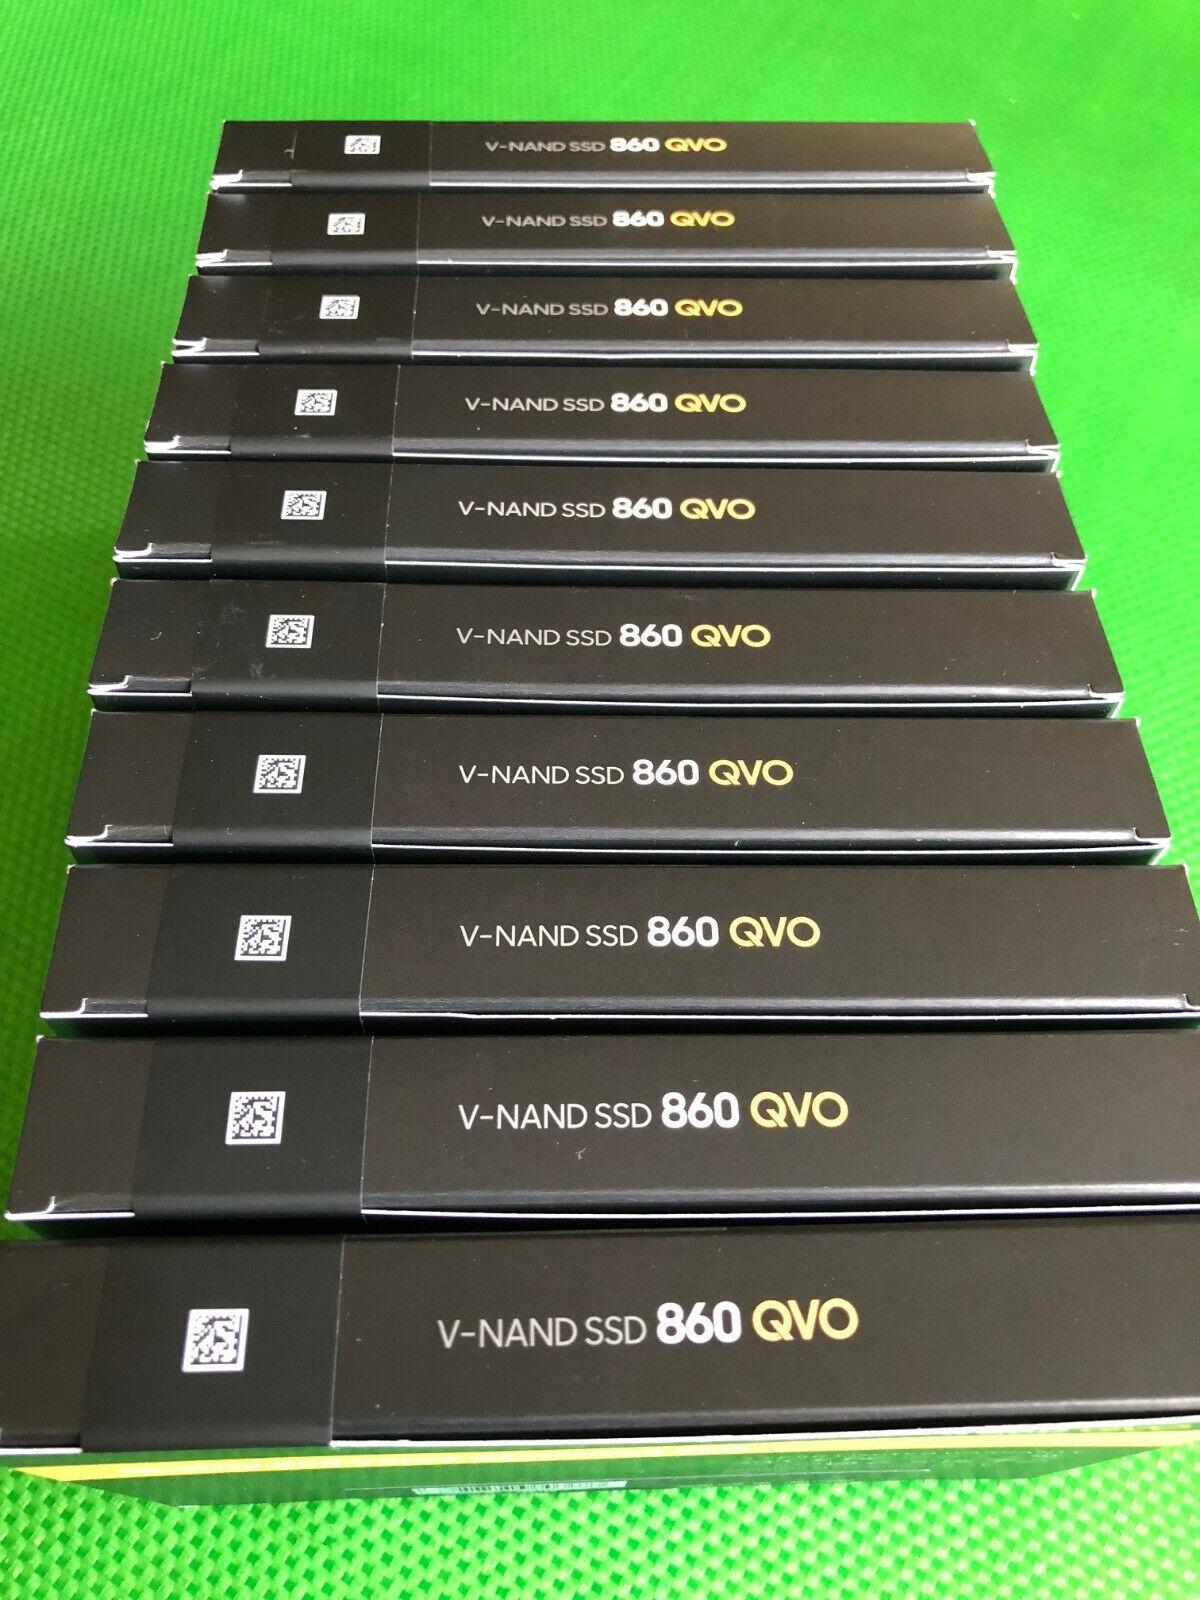 Samsung 860 QVO 1TB SATA III 2.5 1T SSD Internal SSD MZ-76Q1T0BW - Brand New